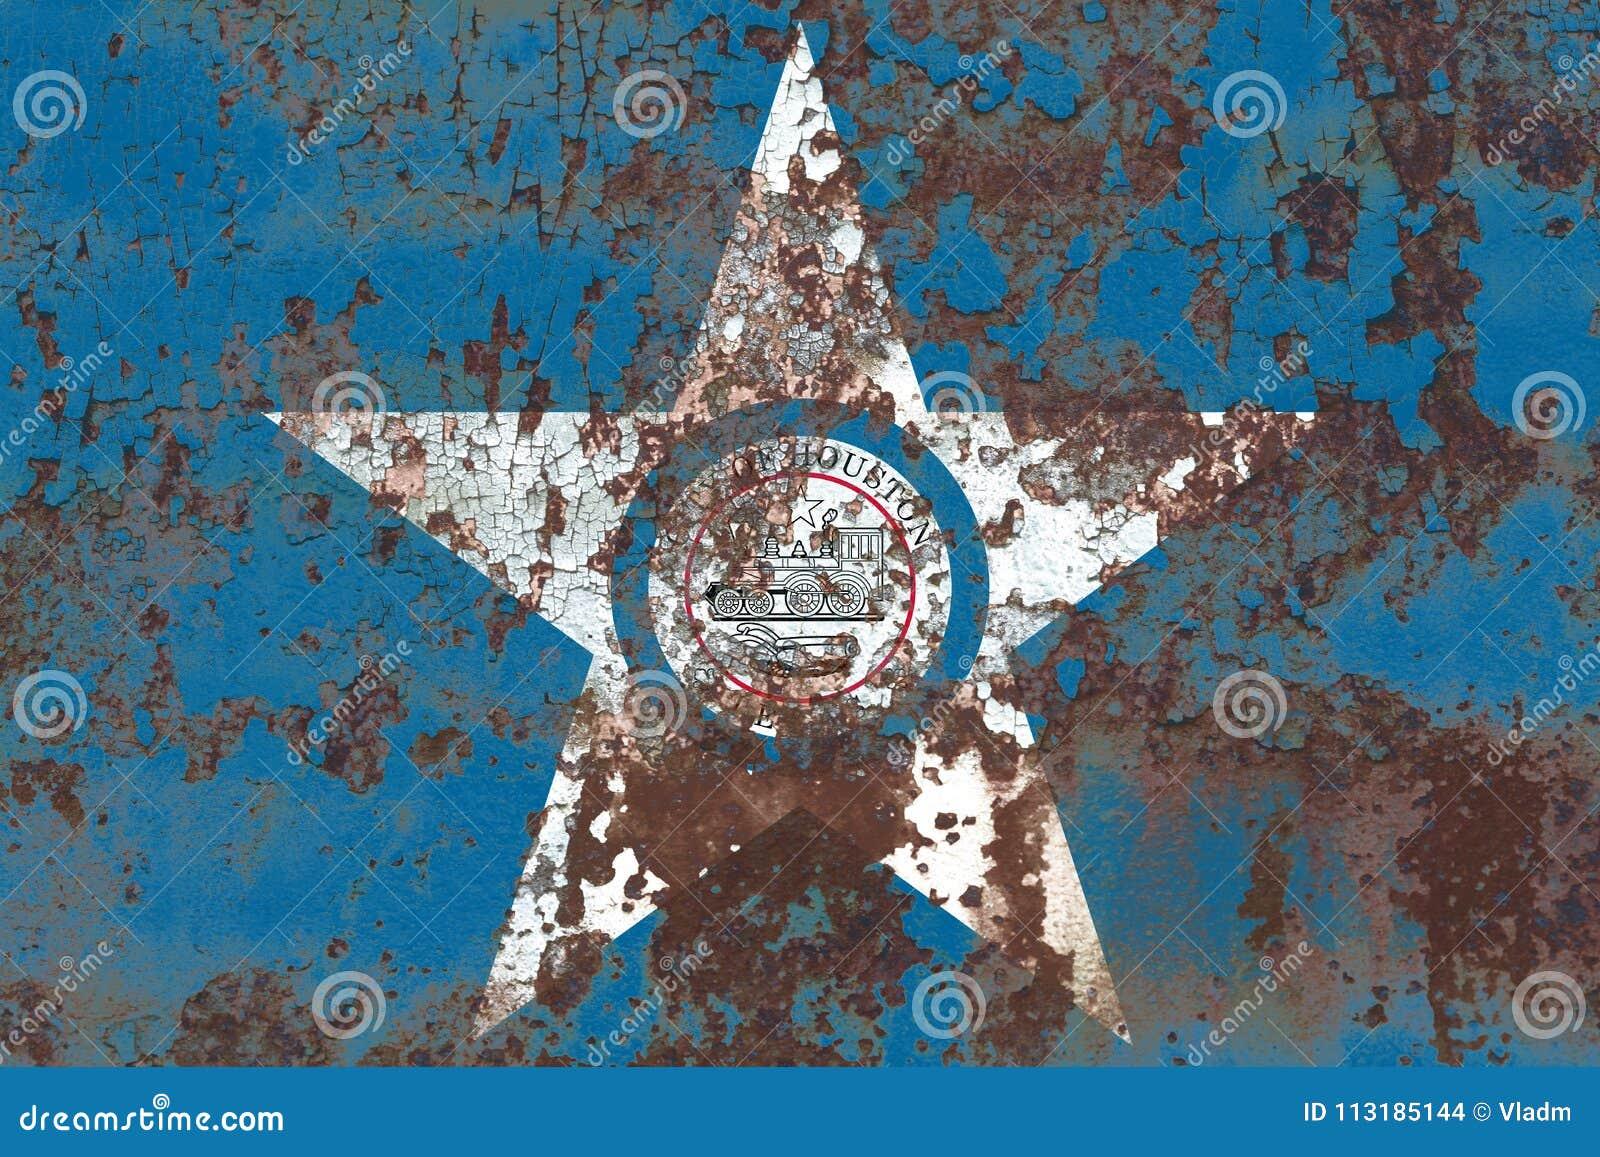 Flagga för Houston stadsrök, Texas State, Amerikas förenta stater